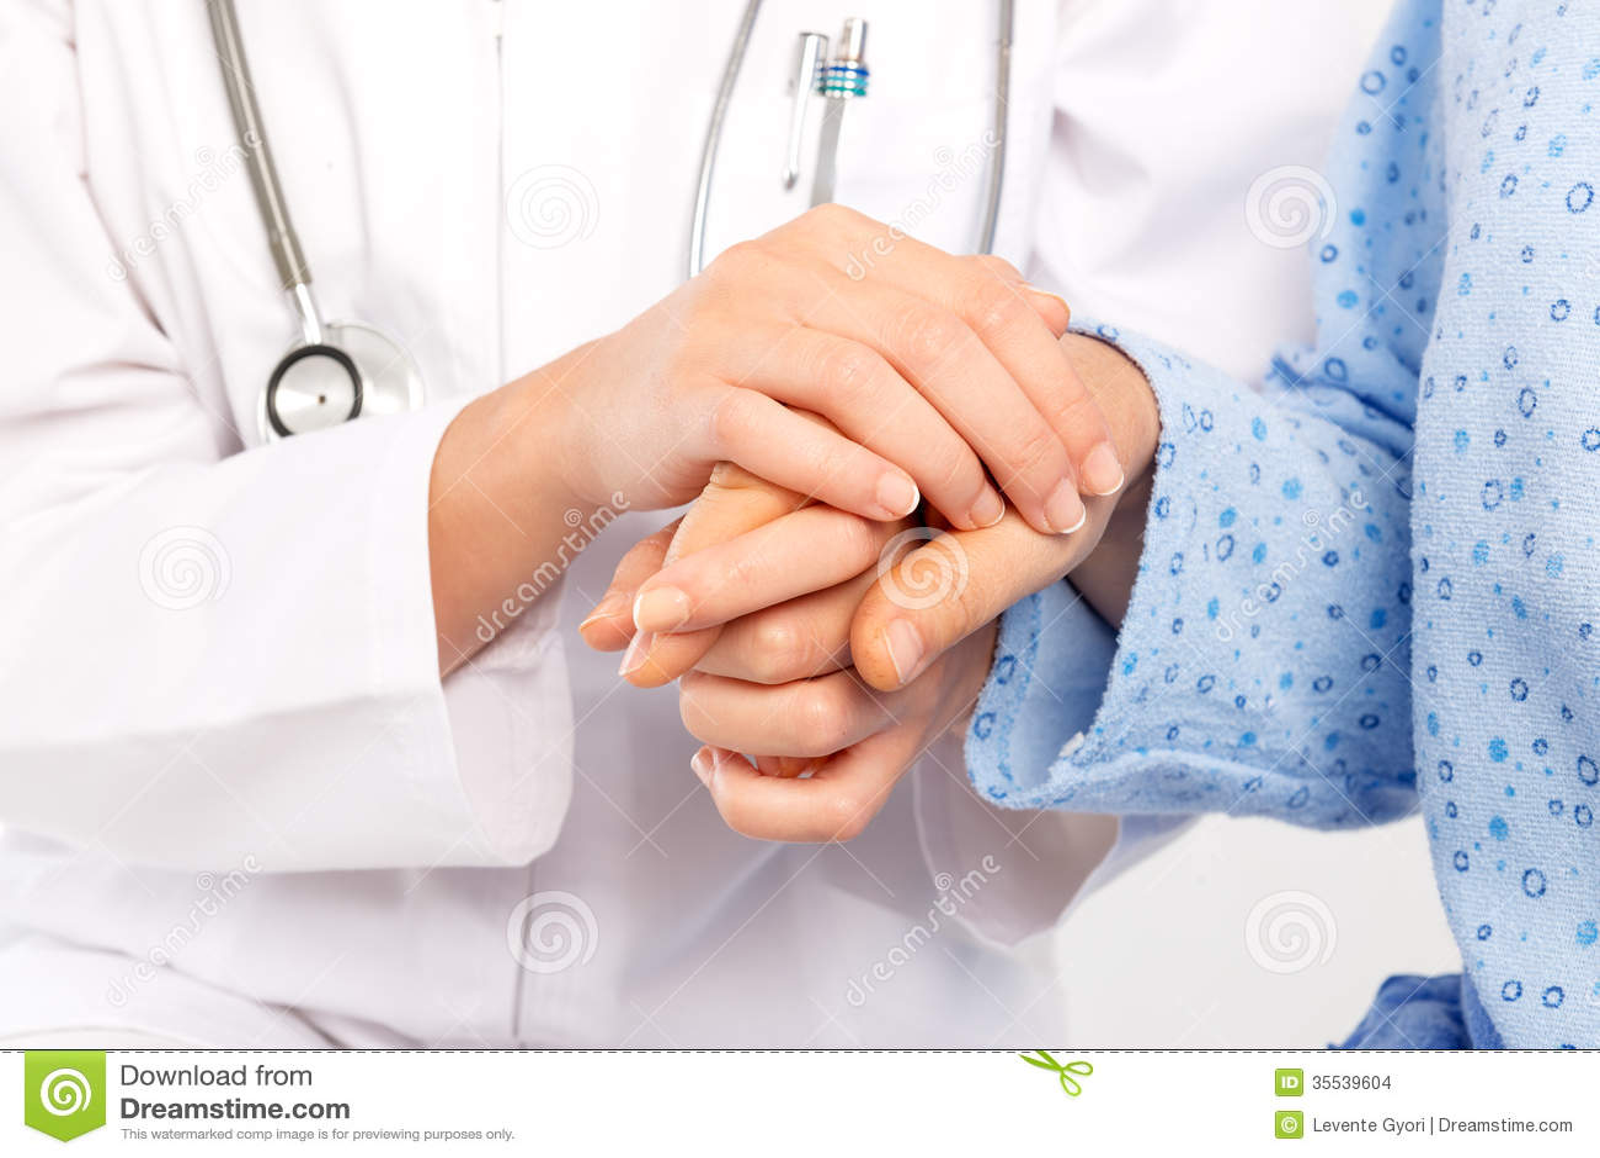 Médecin trouant la main du patient supérieur